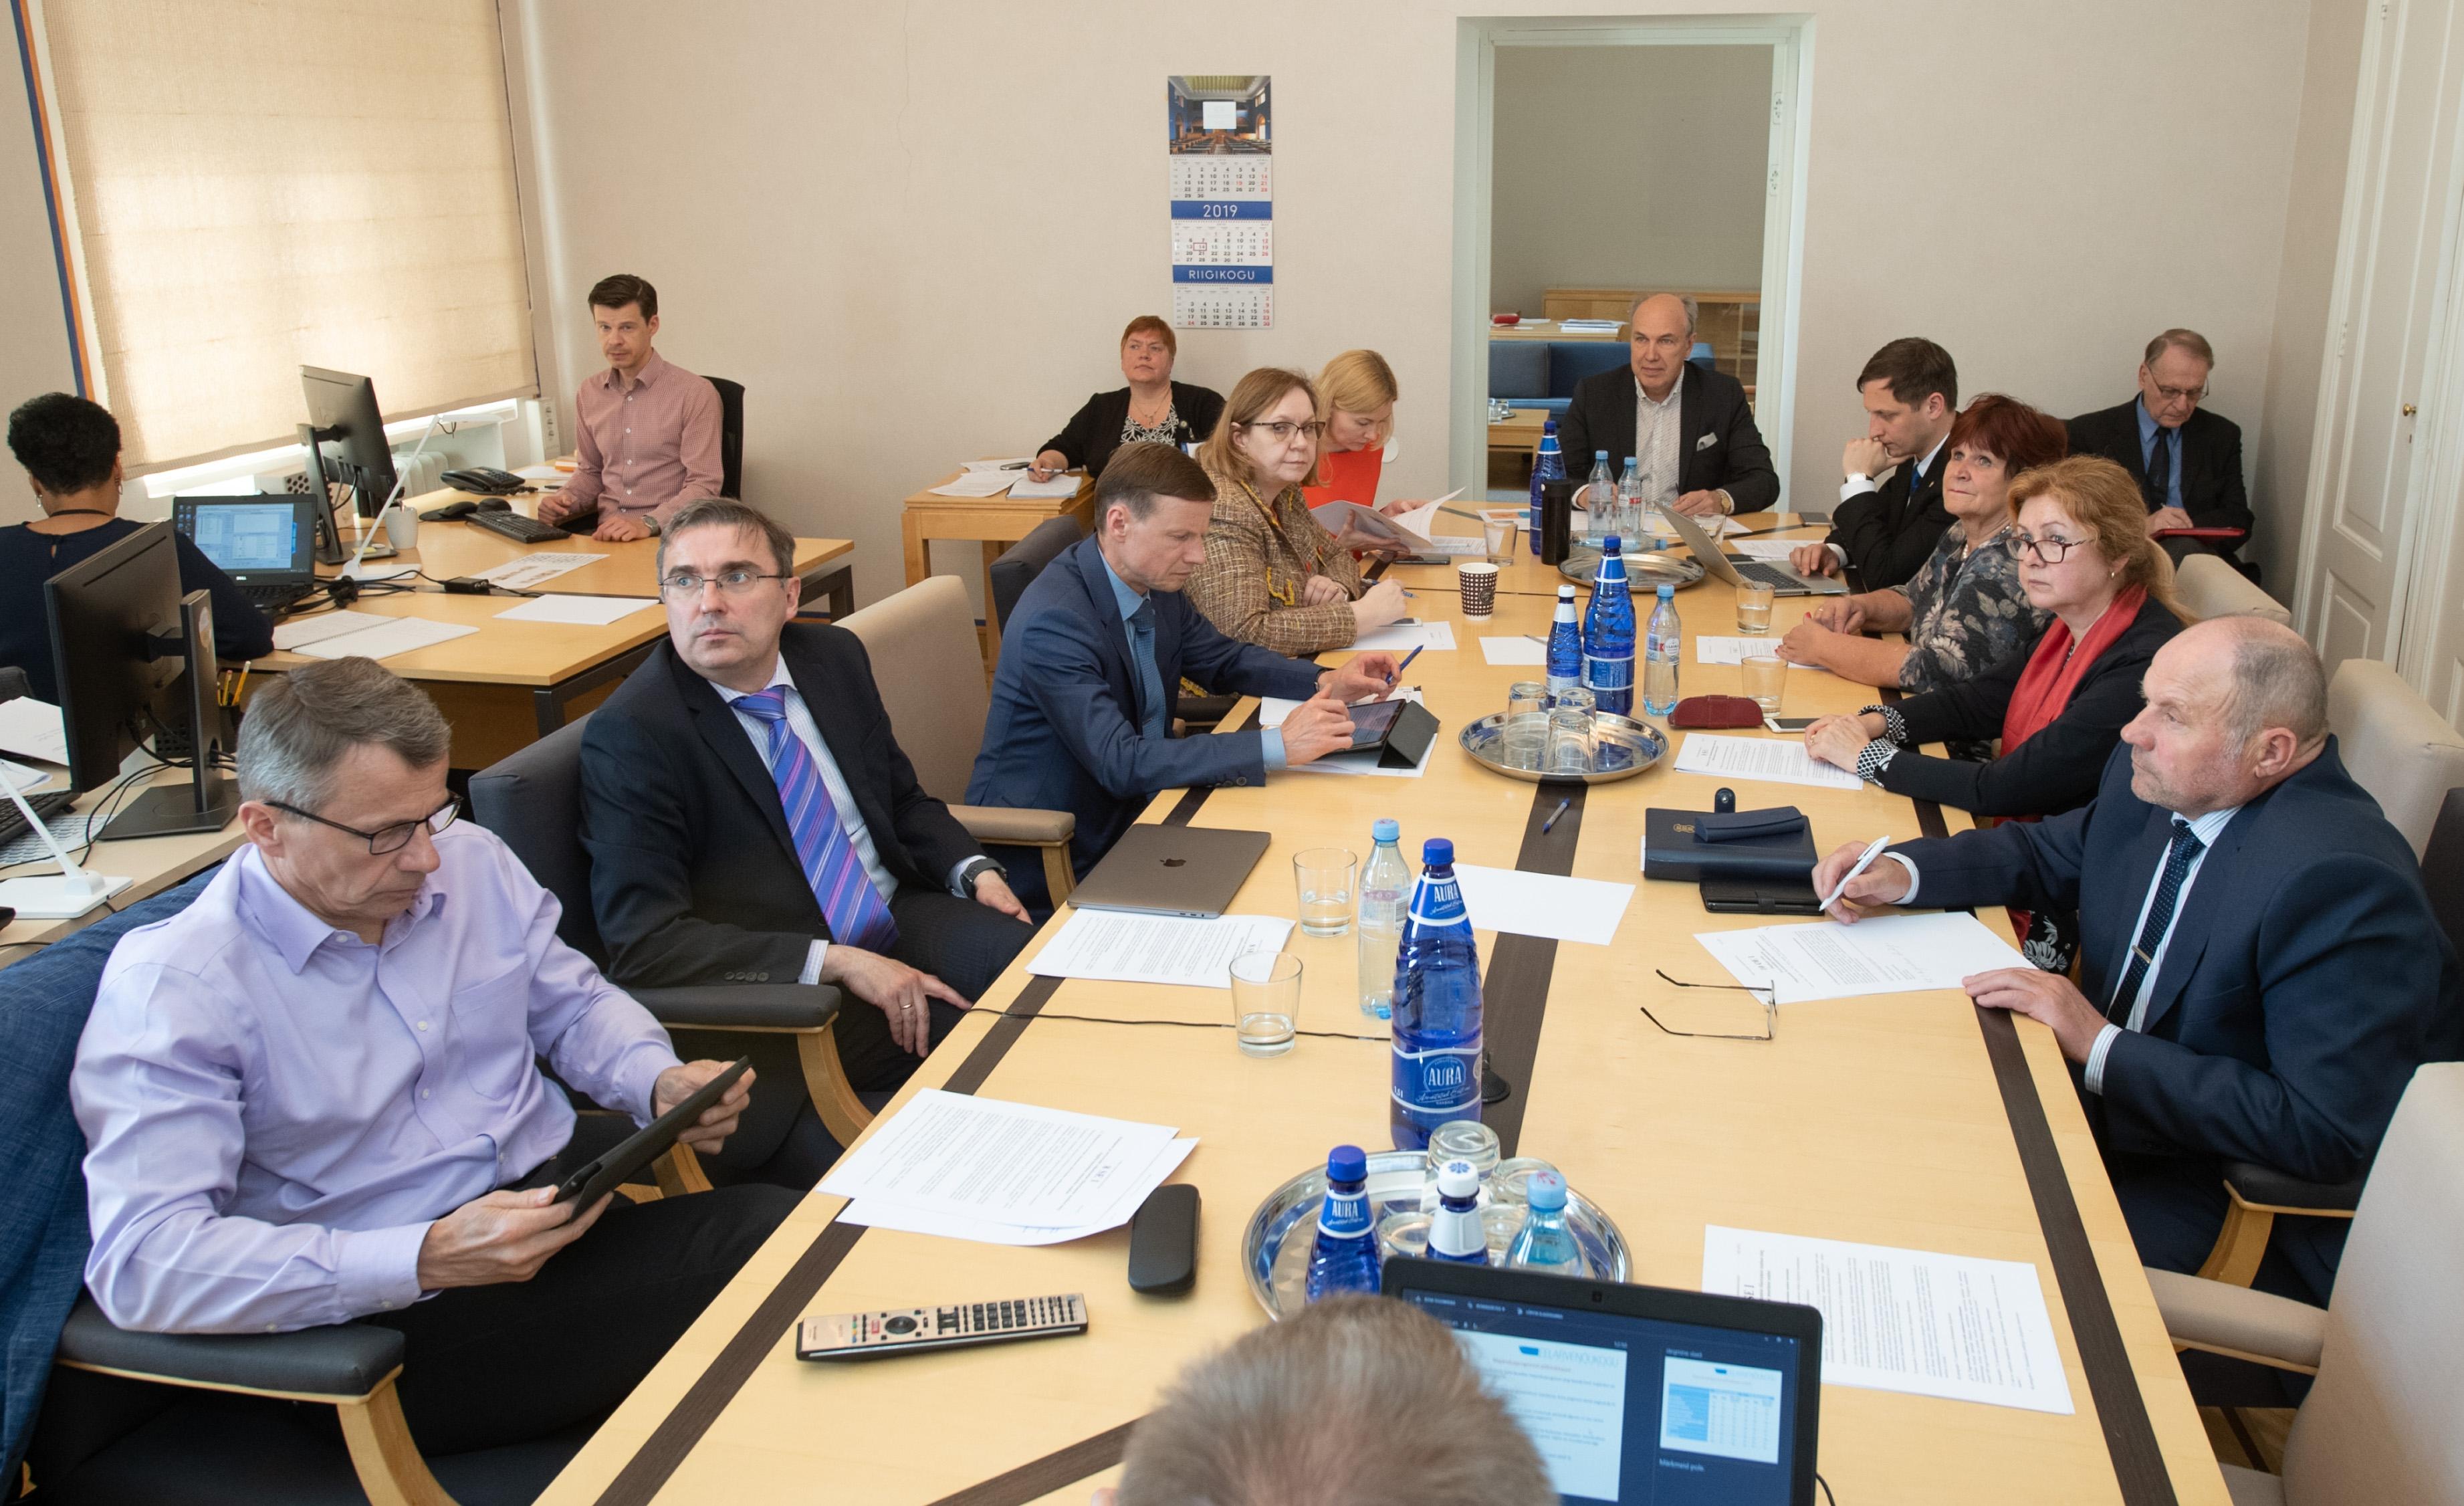 Rahanduskomisjon ja eelarvenõukogu käsitlesid riigi rahanduse olukorda